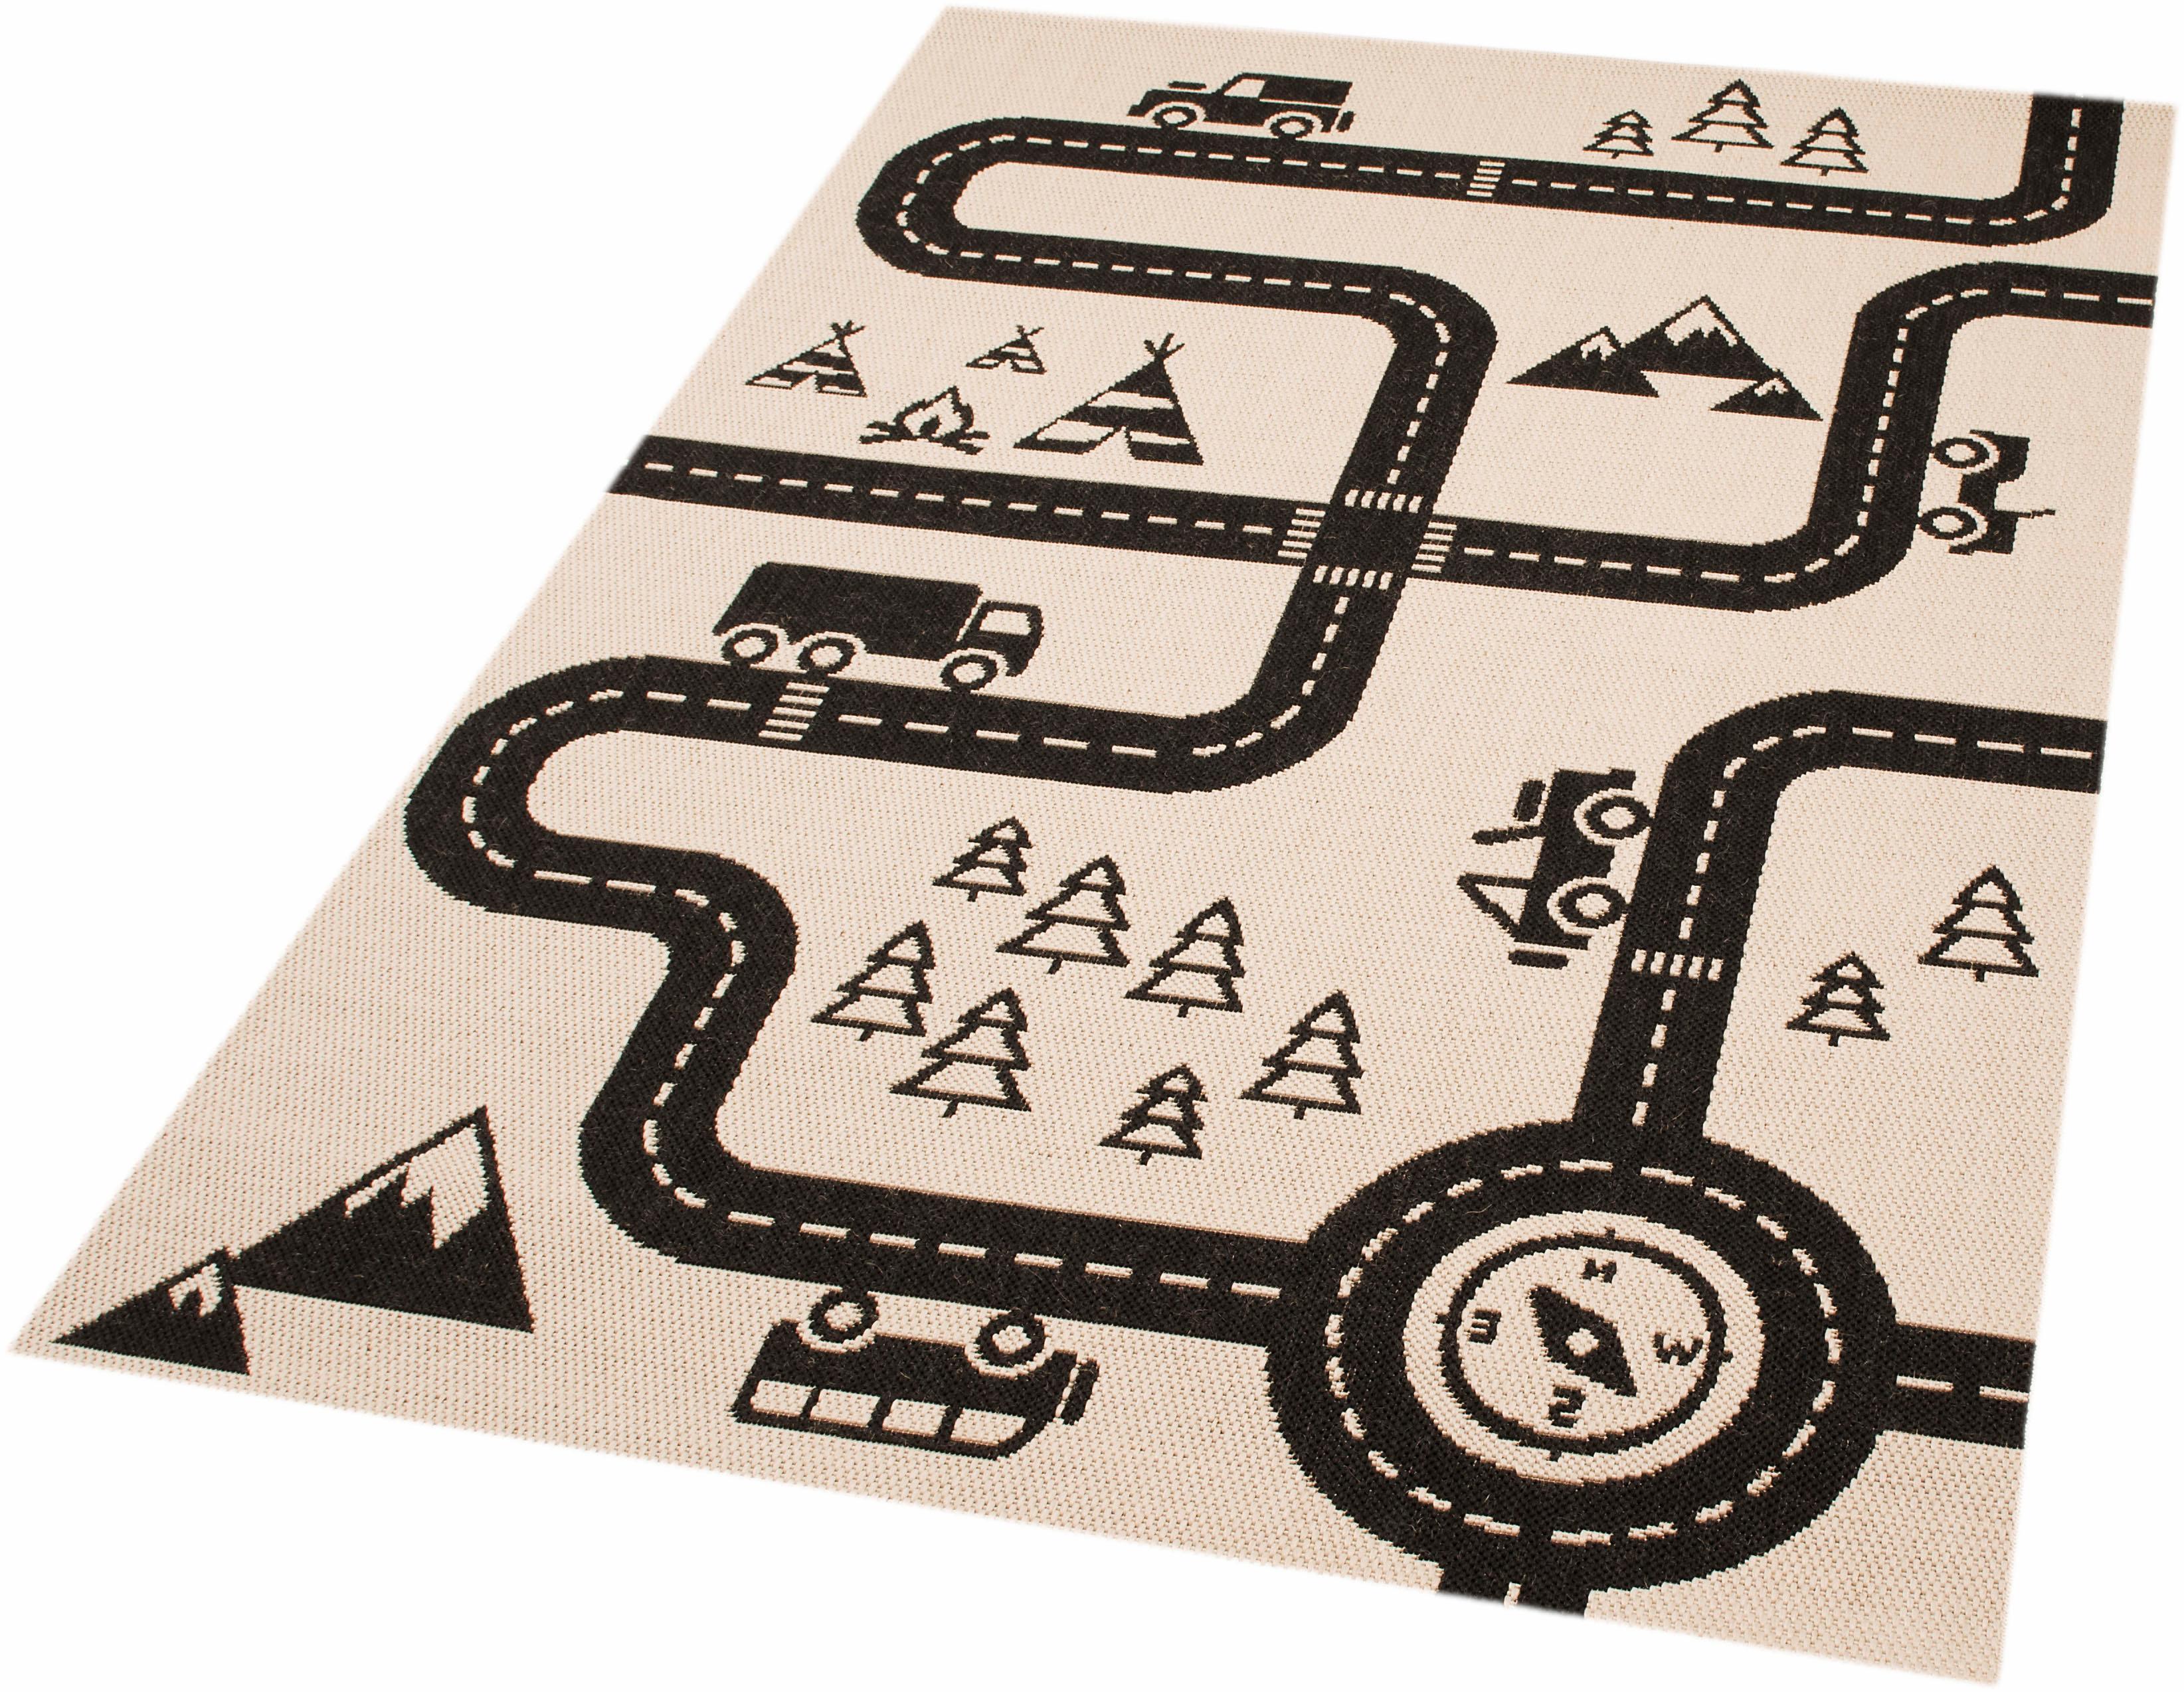 Kinderteppich Road Map Charly Zala Living rechteckig Höhe 4 mm maschinell gewebt